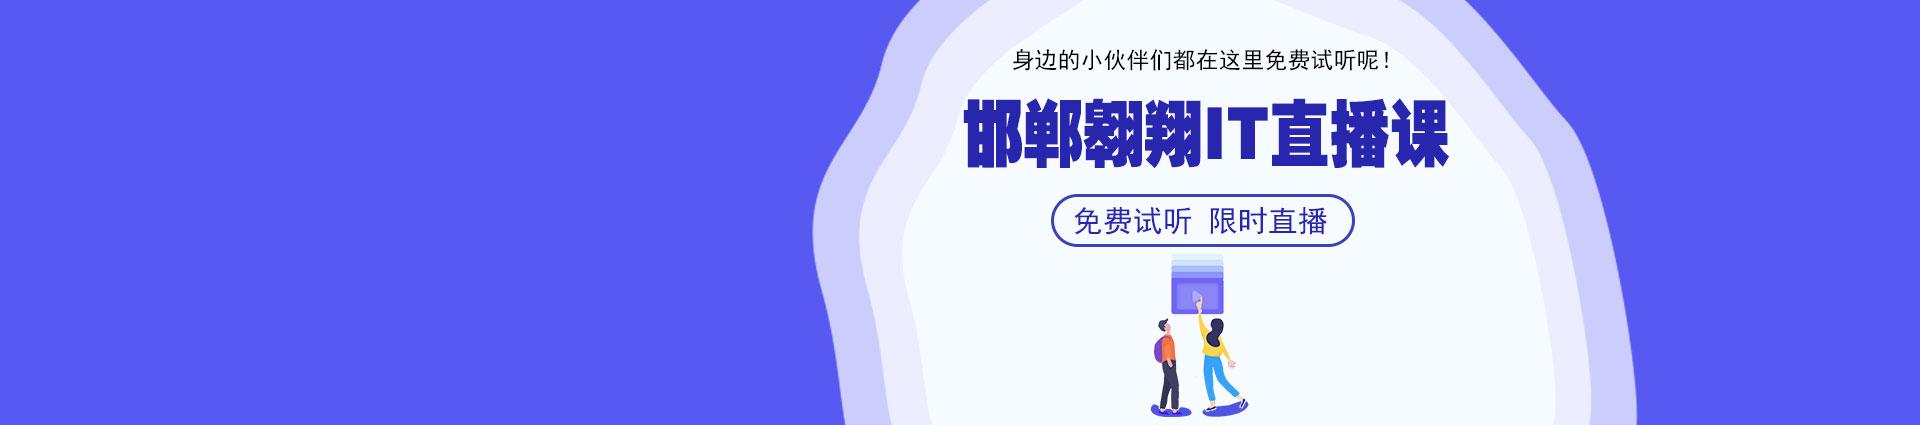 邯郸翱翔在线试听课预约中